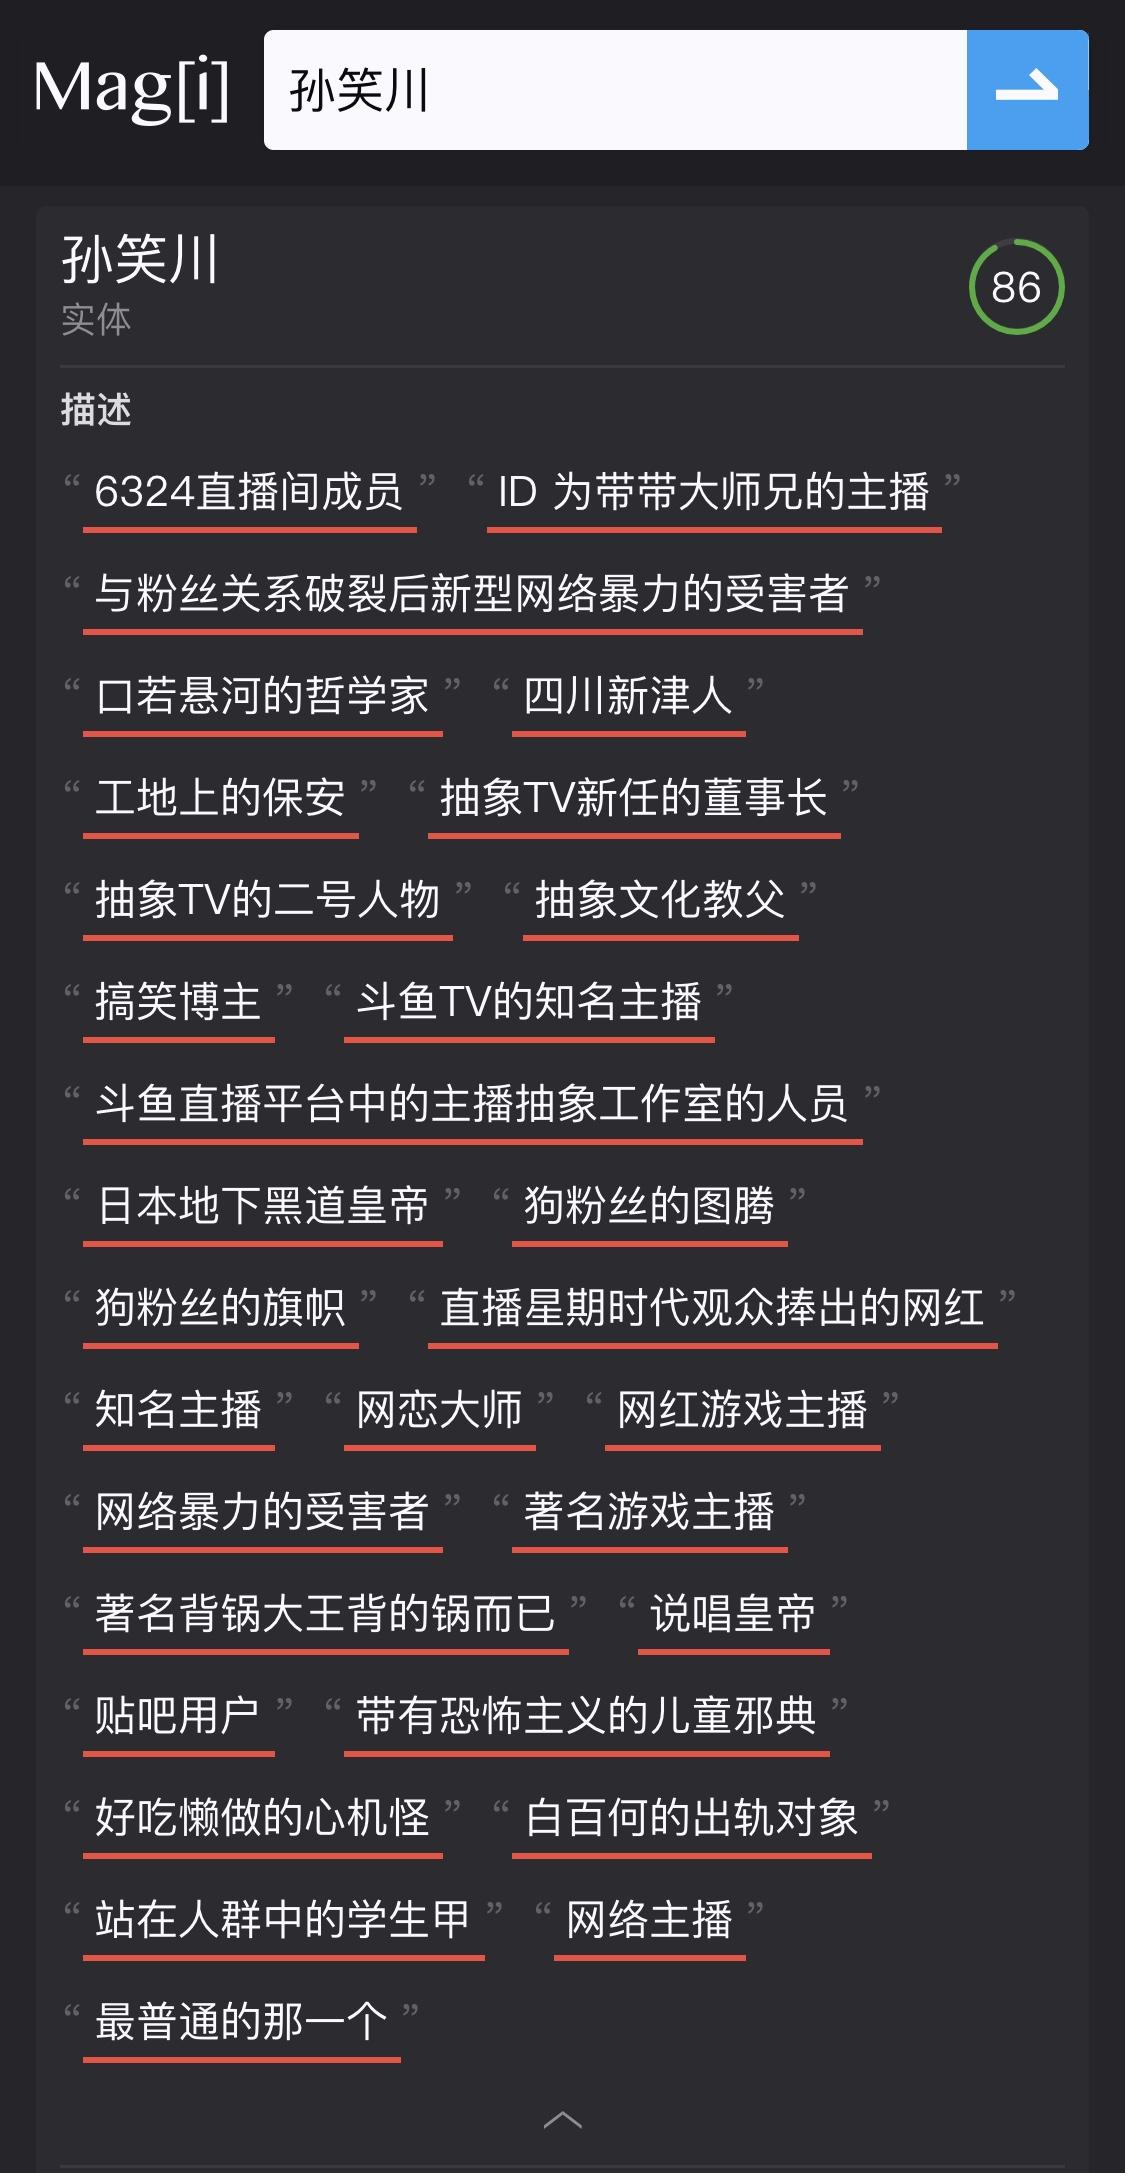 趣味网站第4期 死亡公司公墓/税后工资计算/Magi搜索/狗屁不通文章生成  文章推荐  图3